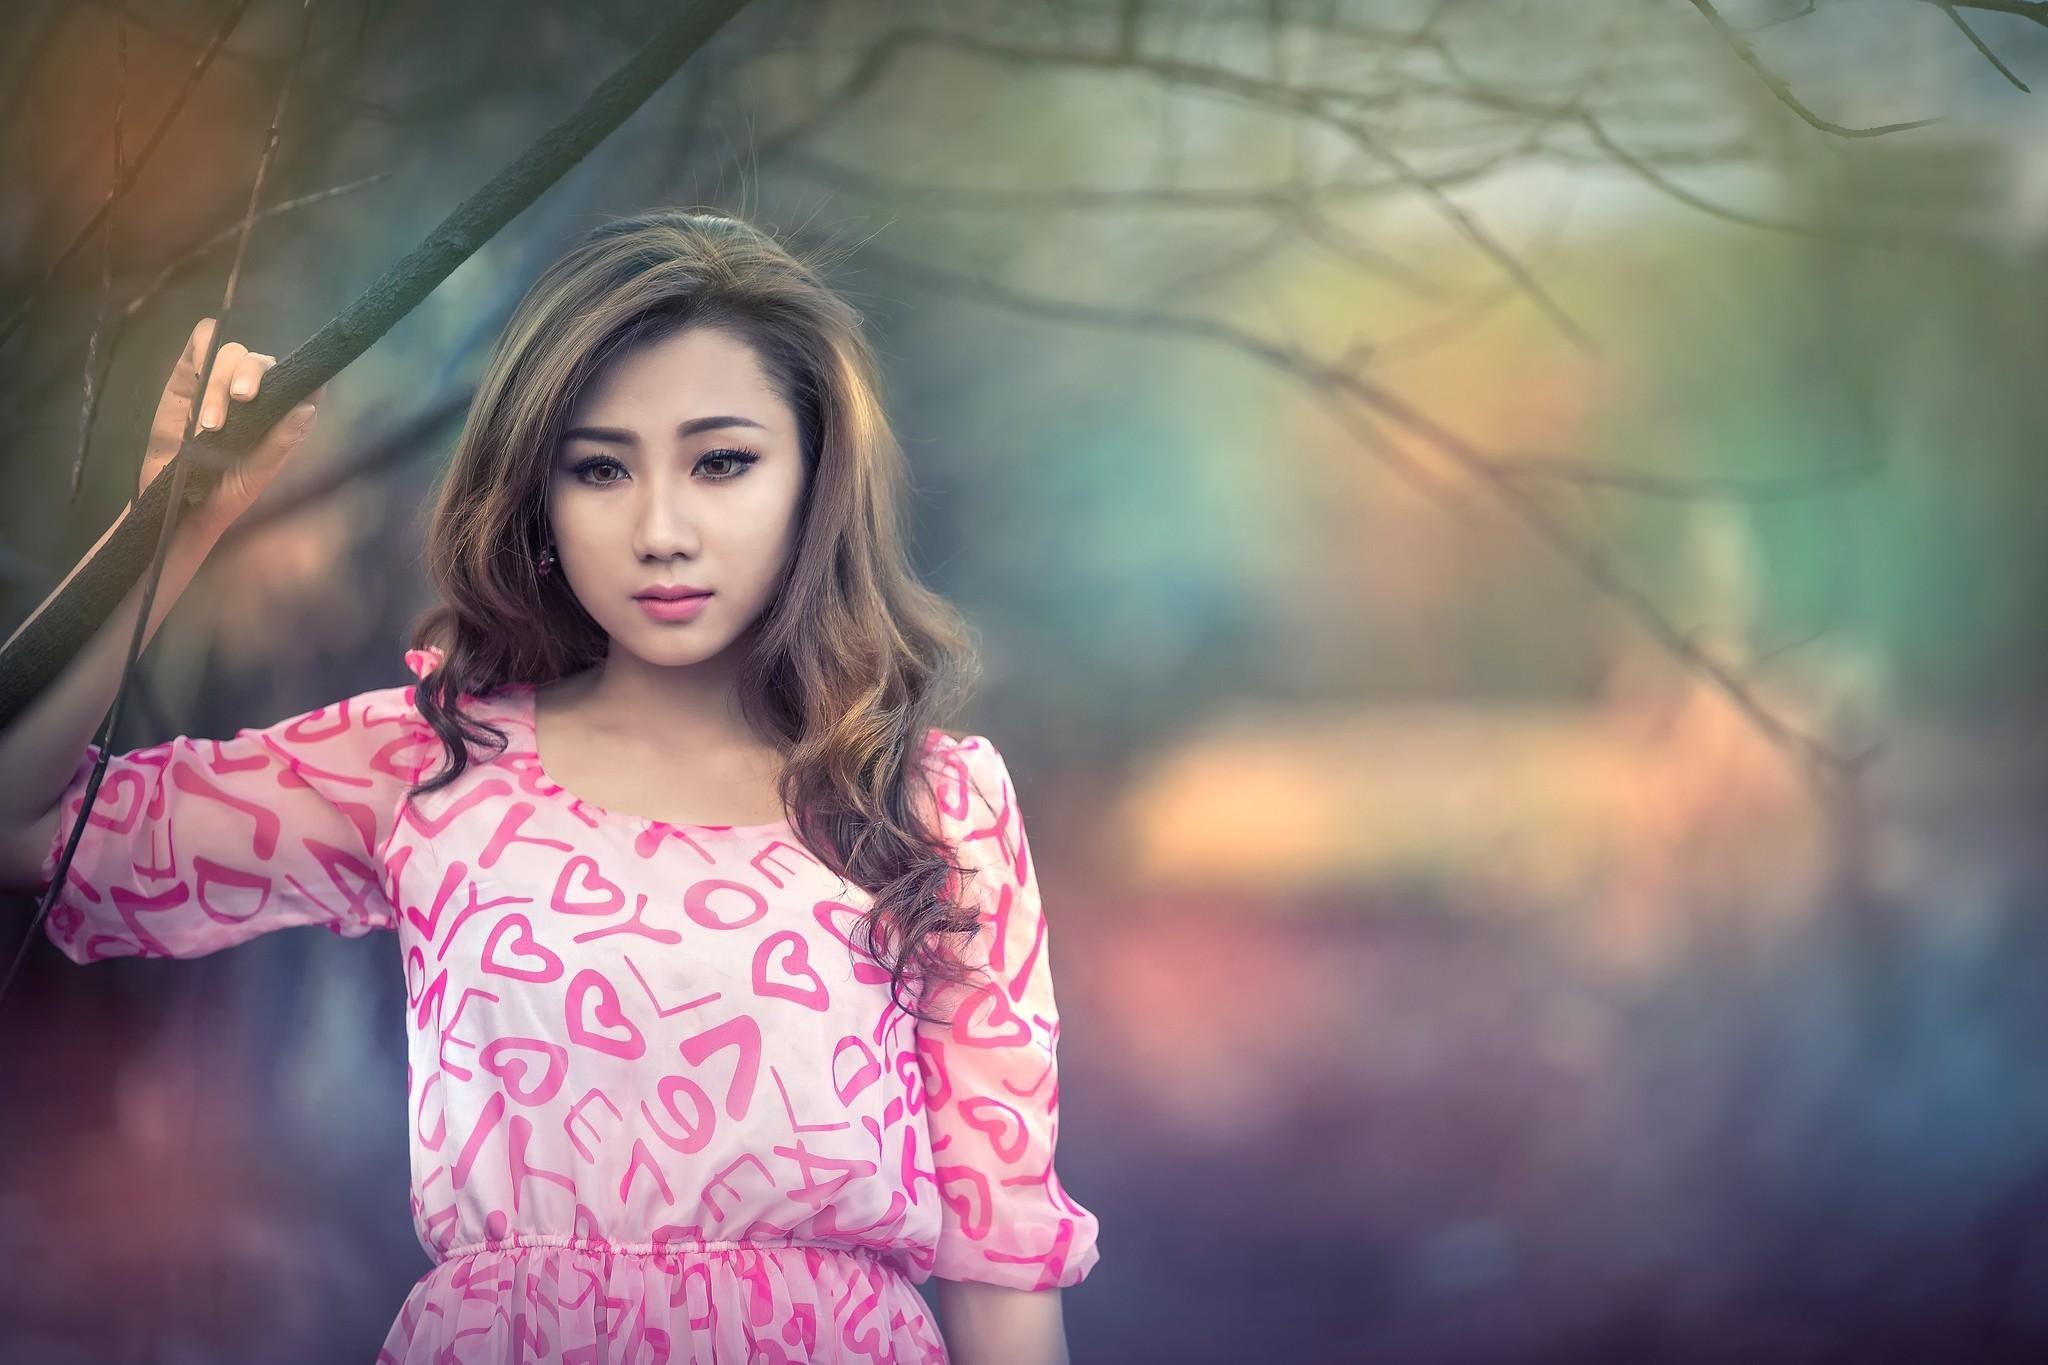 brunettes women beds Asians – Wallpaper (#20303) / Wallbase.cc   women    Pinterest   Asian wallpaper, High quality wallpapers and Wallpaper